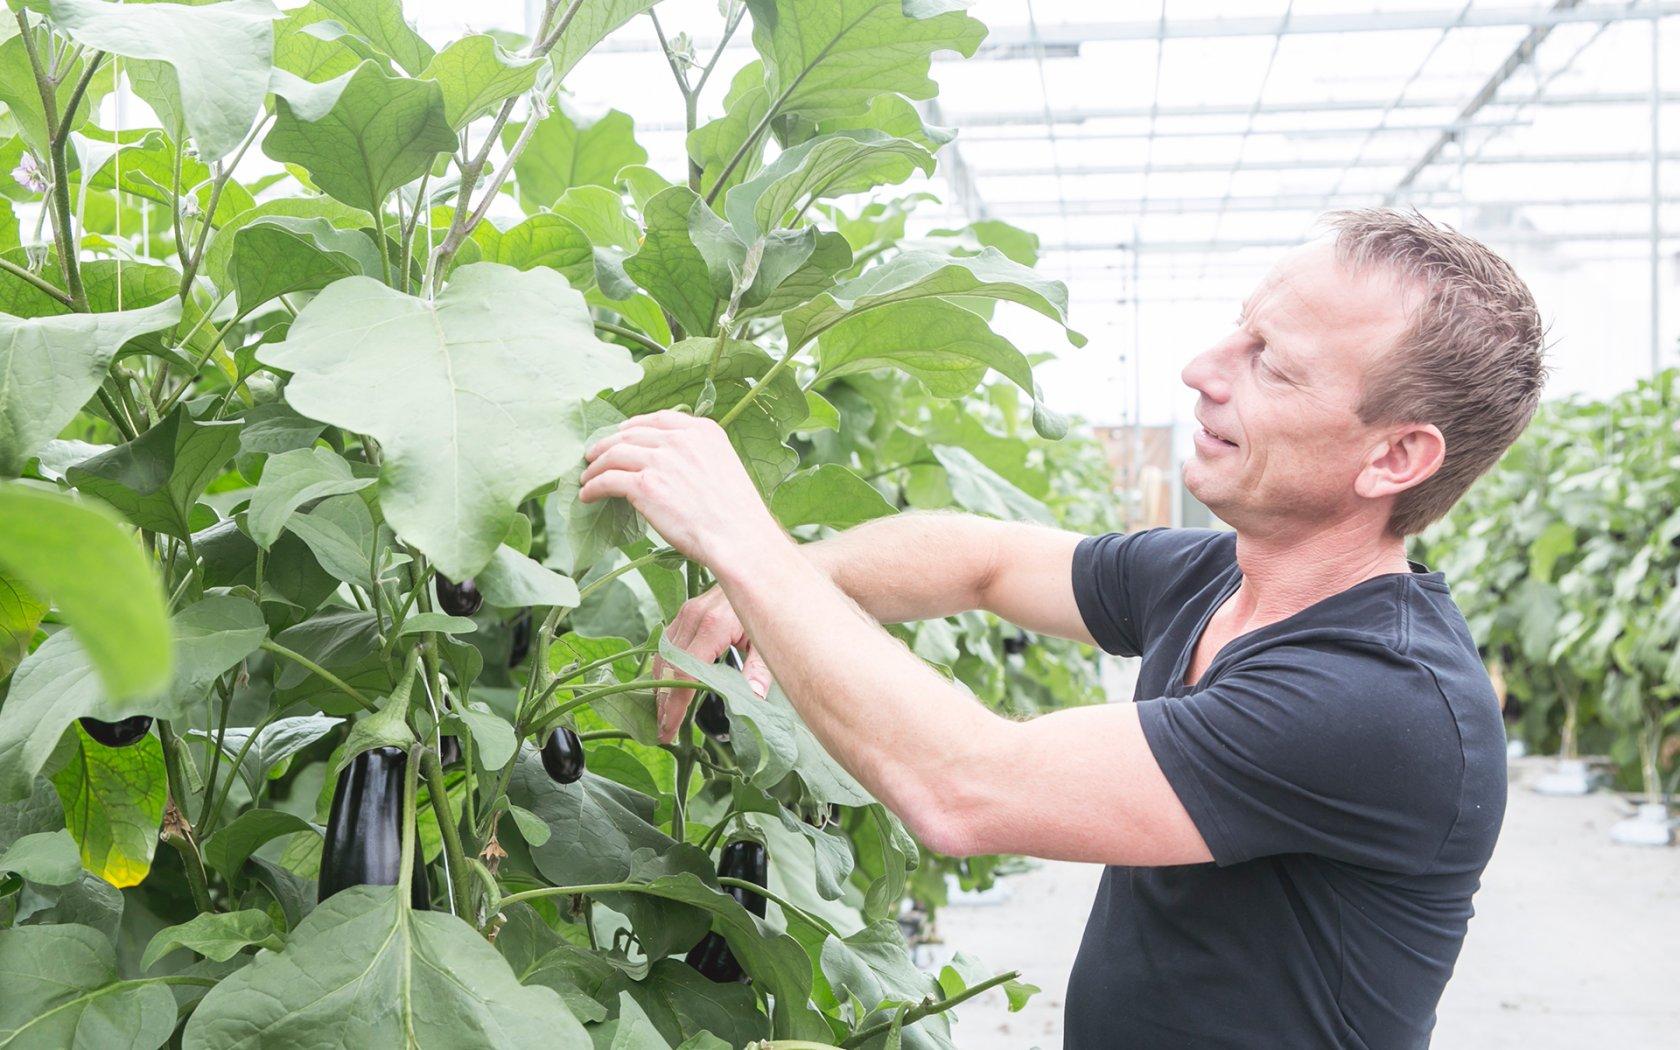 Teler inspecteert aubergines